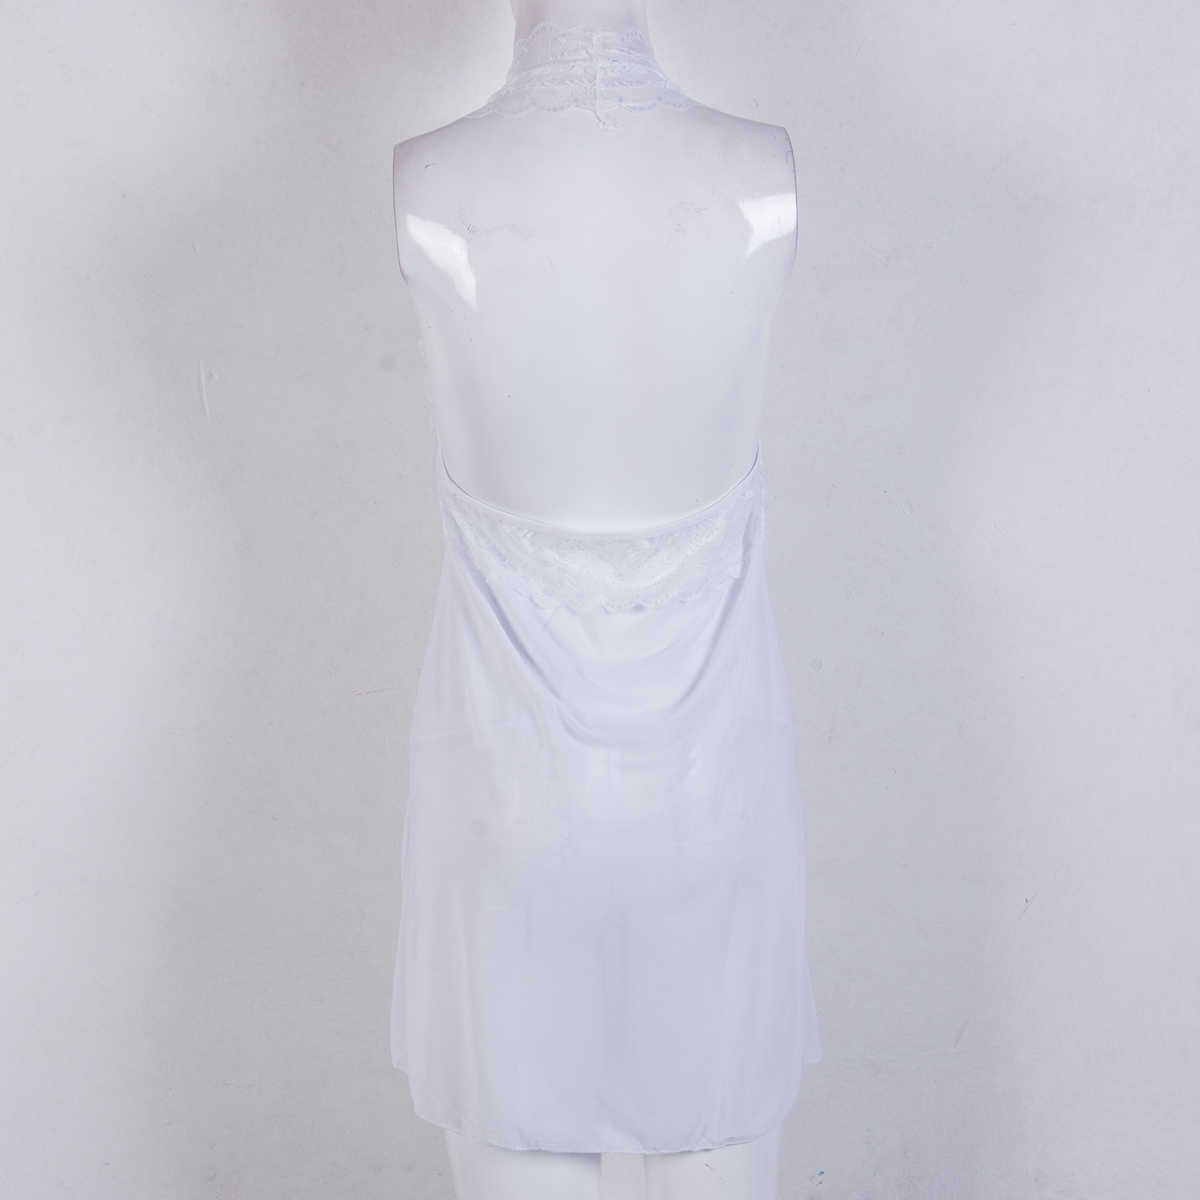 M XXL XXXL seksowna bielizna kobiety koronkowa noc stringi seksowna bielizna bielizna nocna Babydoll bielizna seksowna gorąca erotyczna sukienka Plus rozmiar